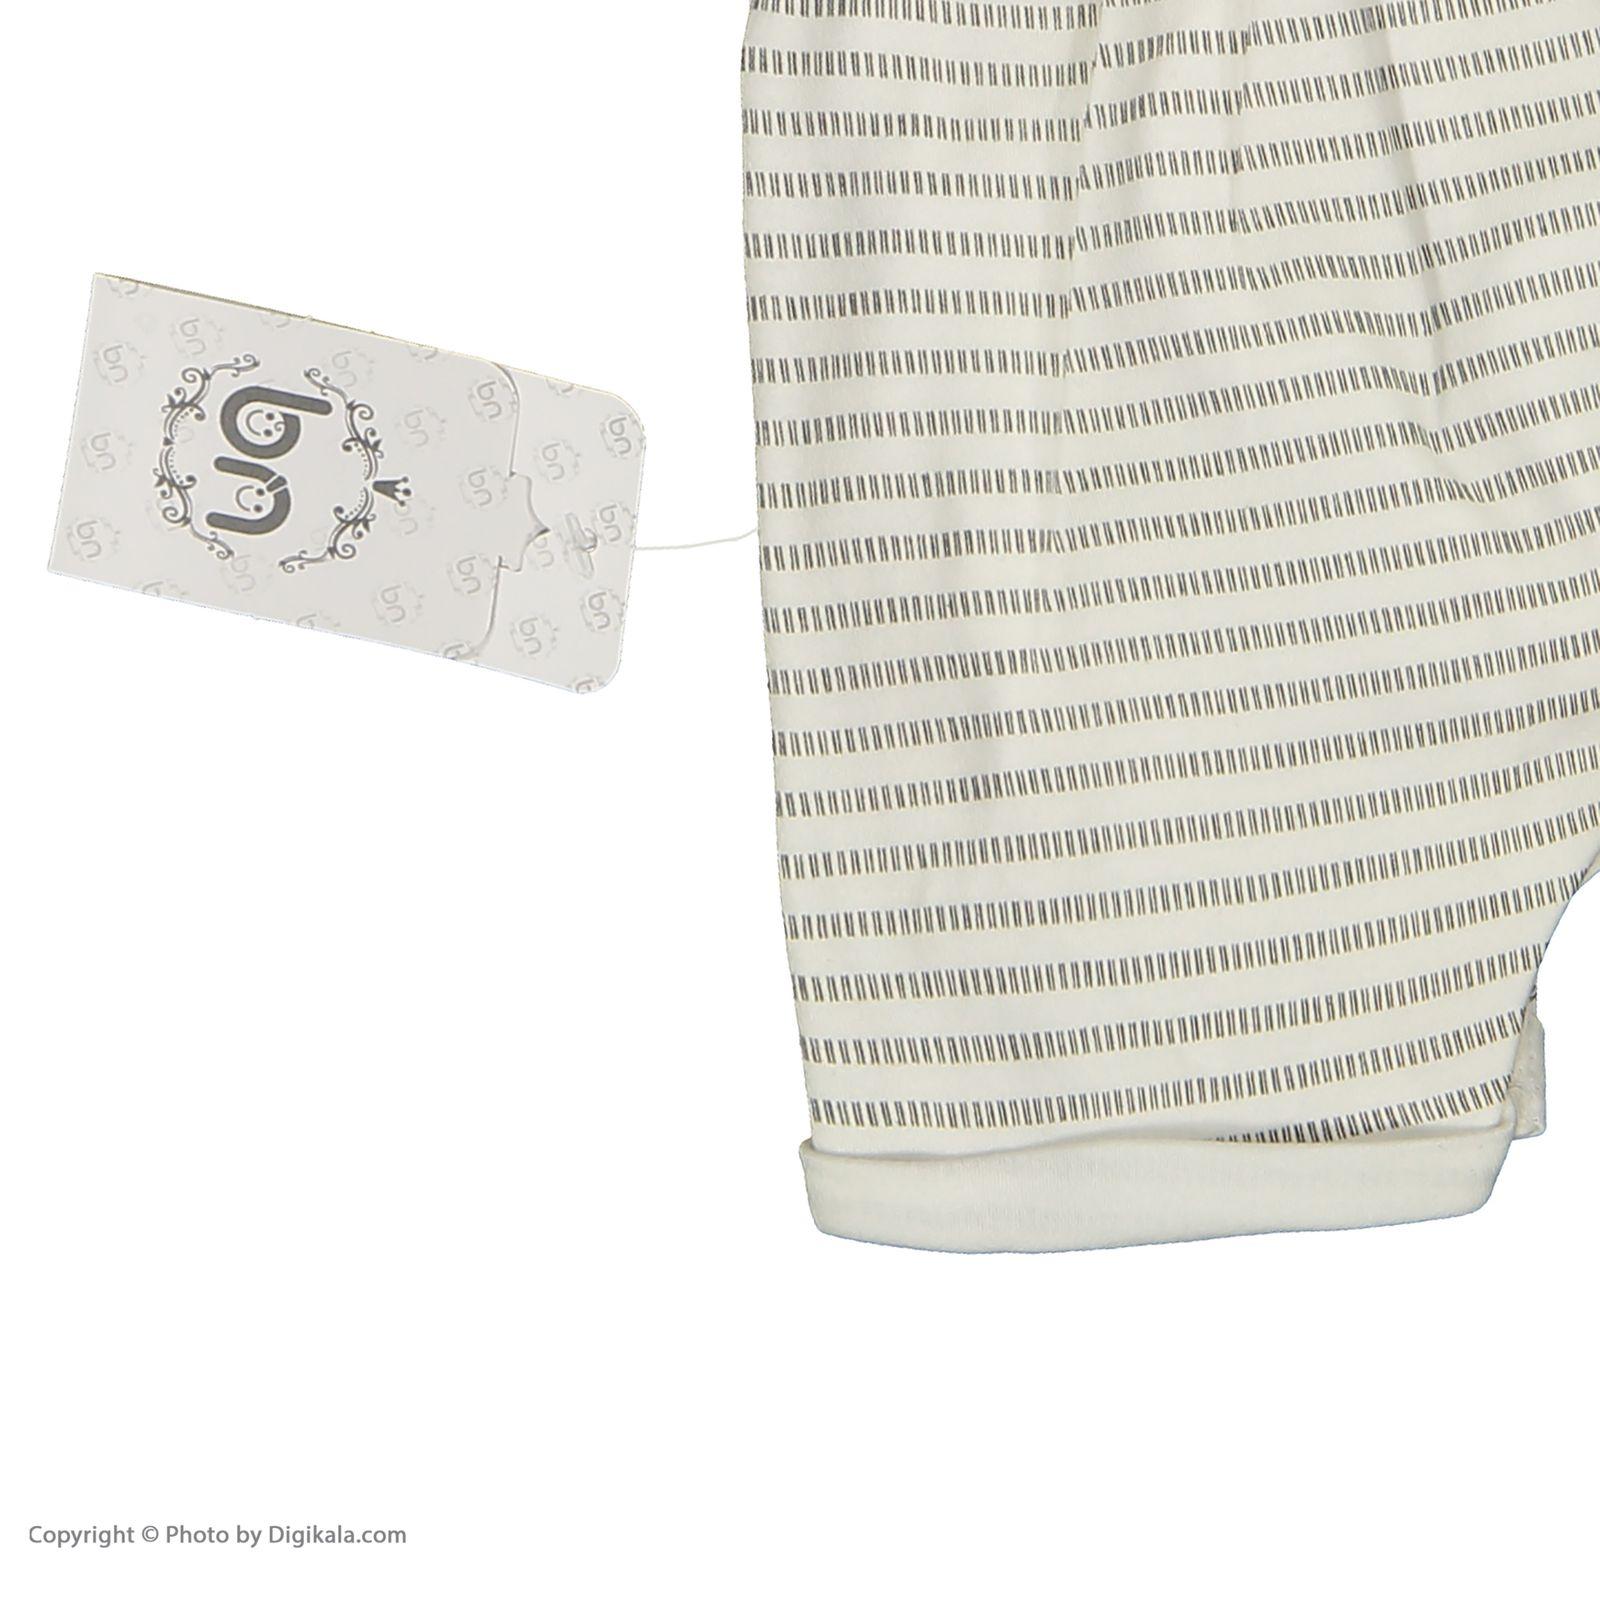 ست سرهمی و تی شرت نوزادی بی بی ناز مدل 1501492-0193 - سفید طوسی - 12